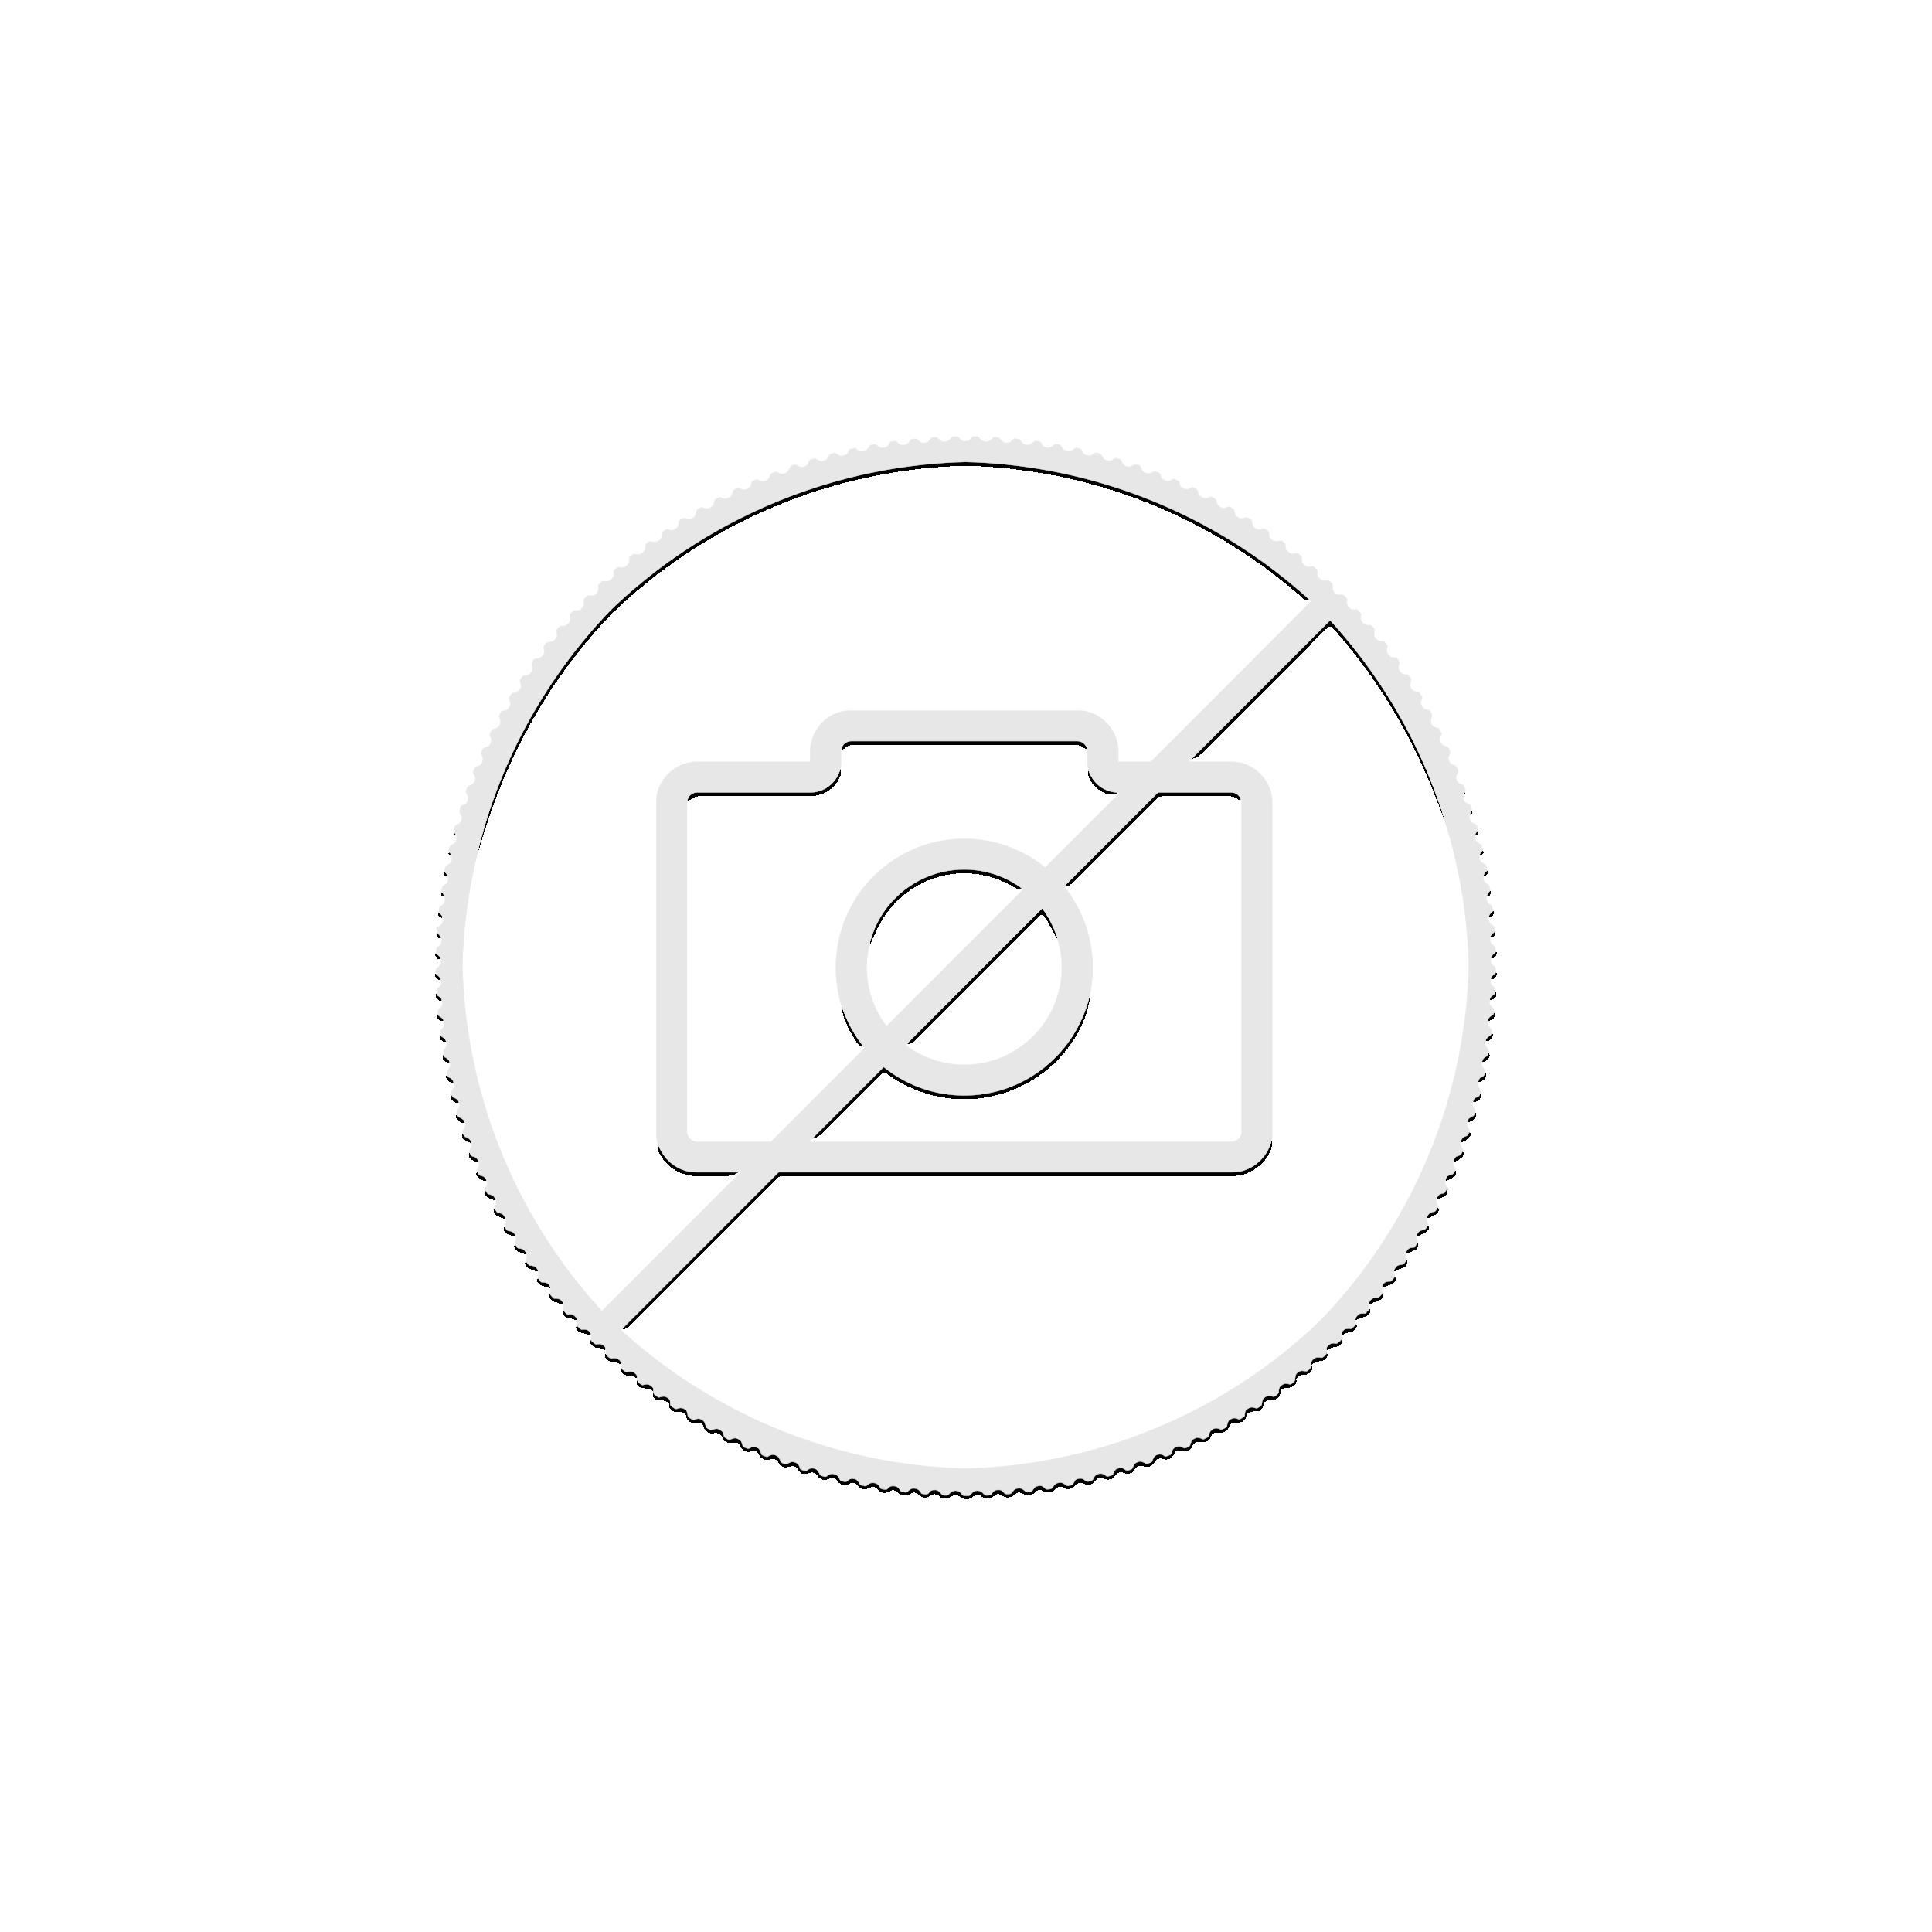 Zilveren dukaten - Zeven provincien serie